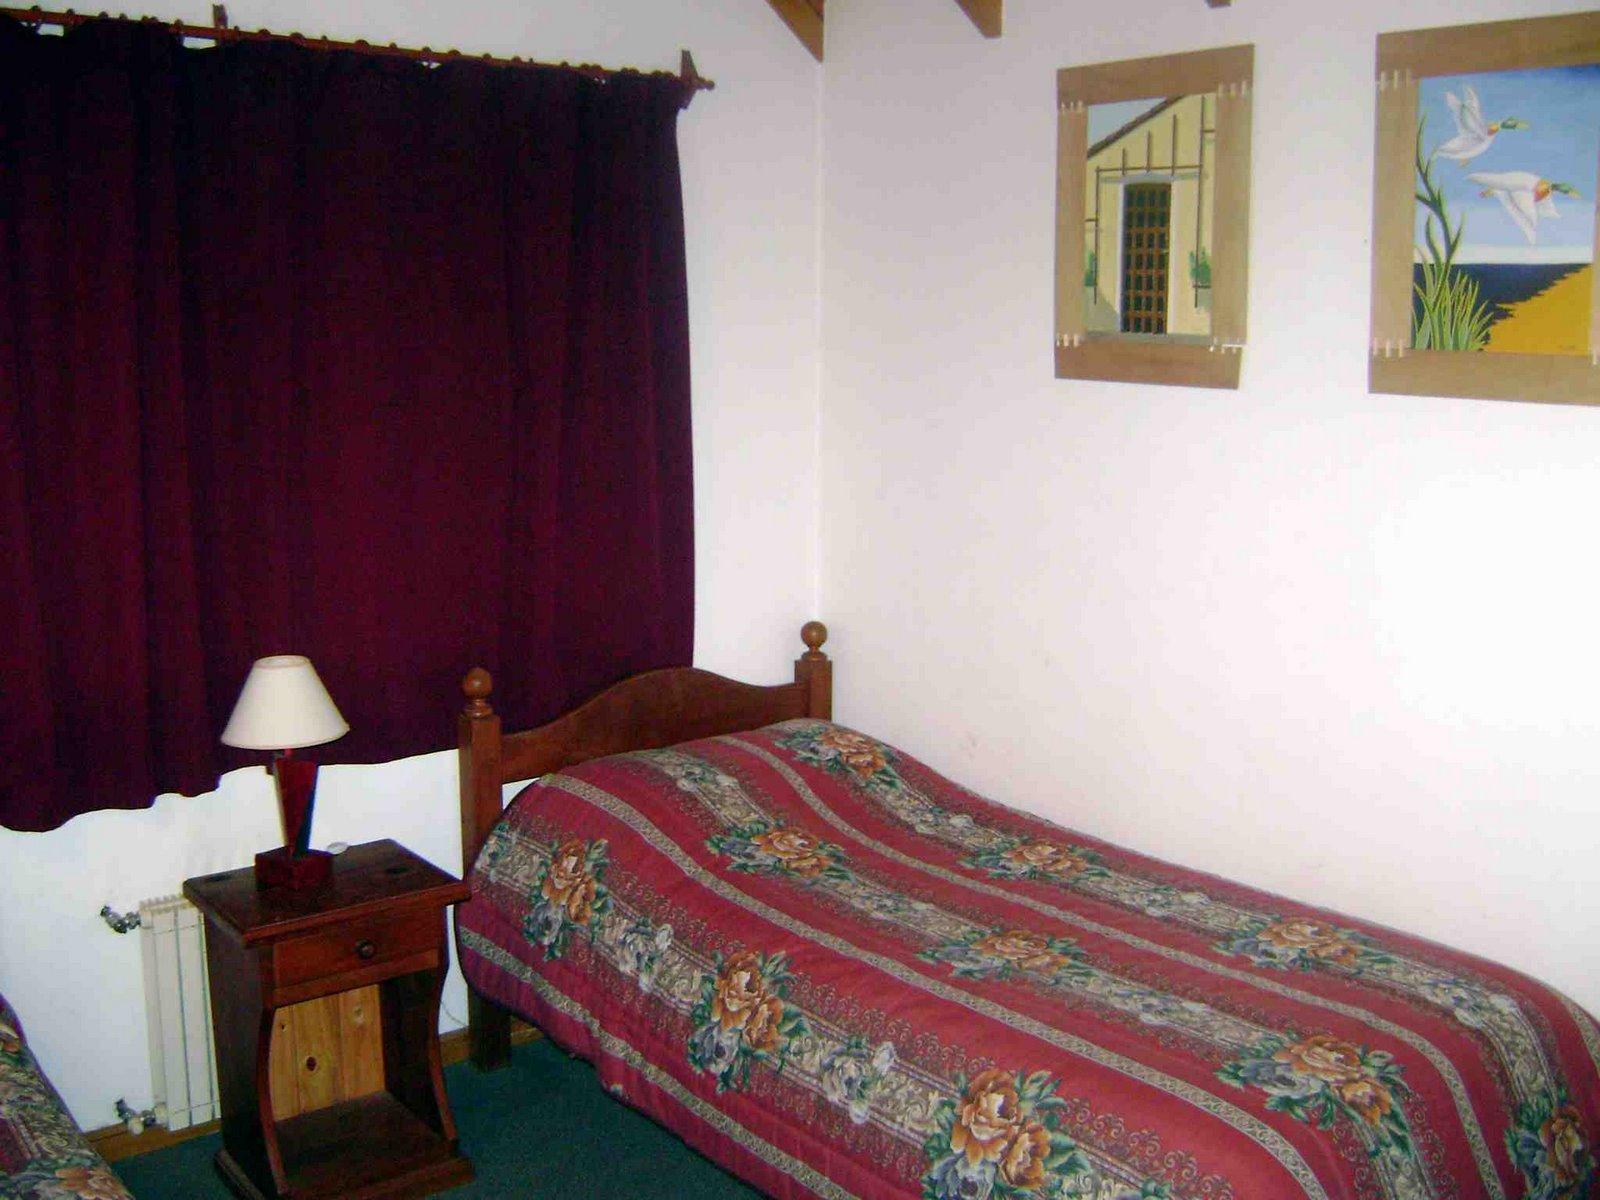 [Dormitorio+2+cab+para+6+pax+nº+2+canas+1+plaza.JPG]